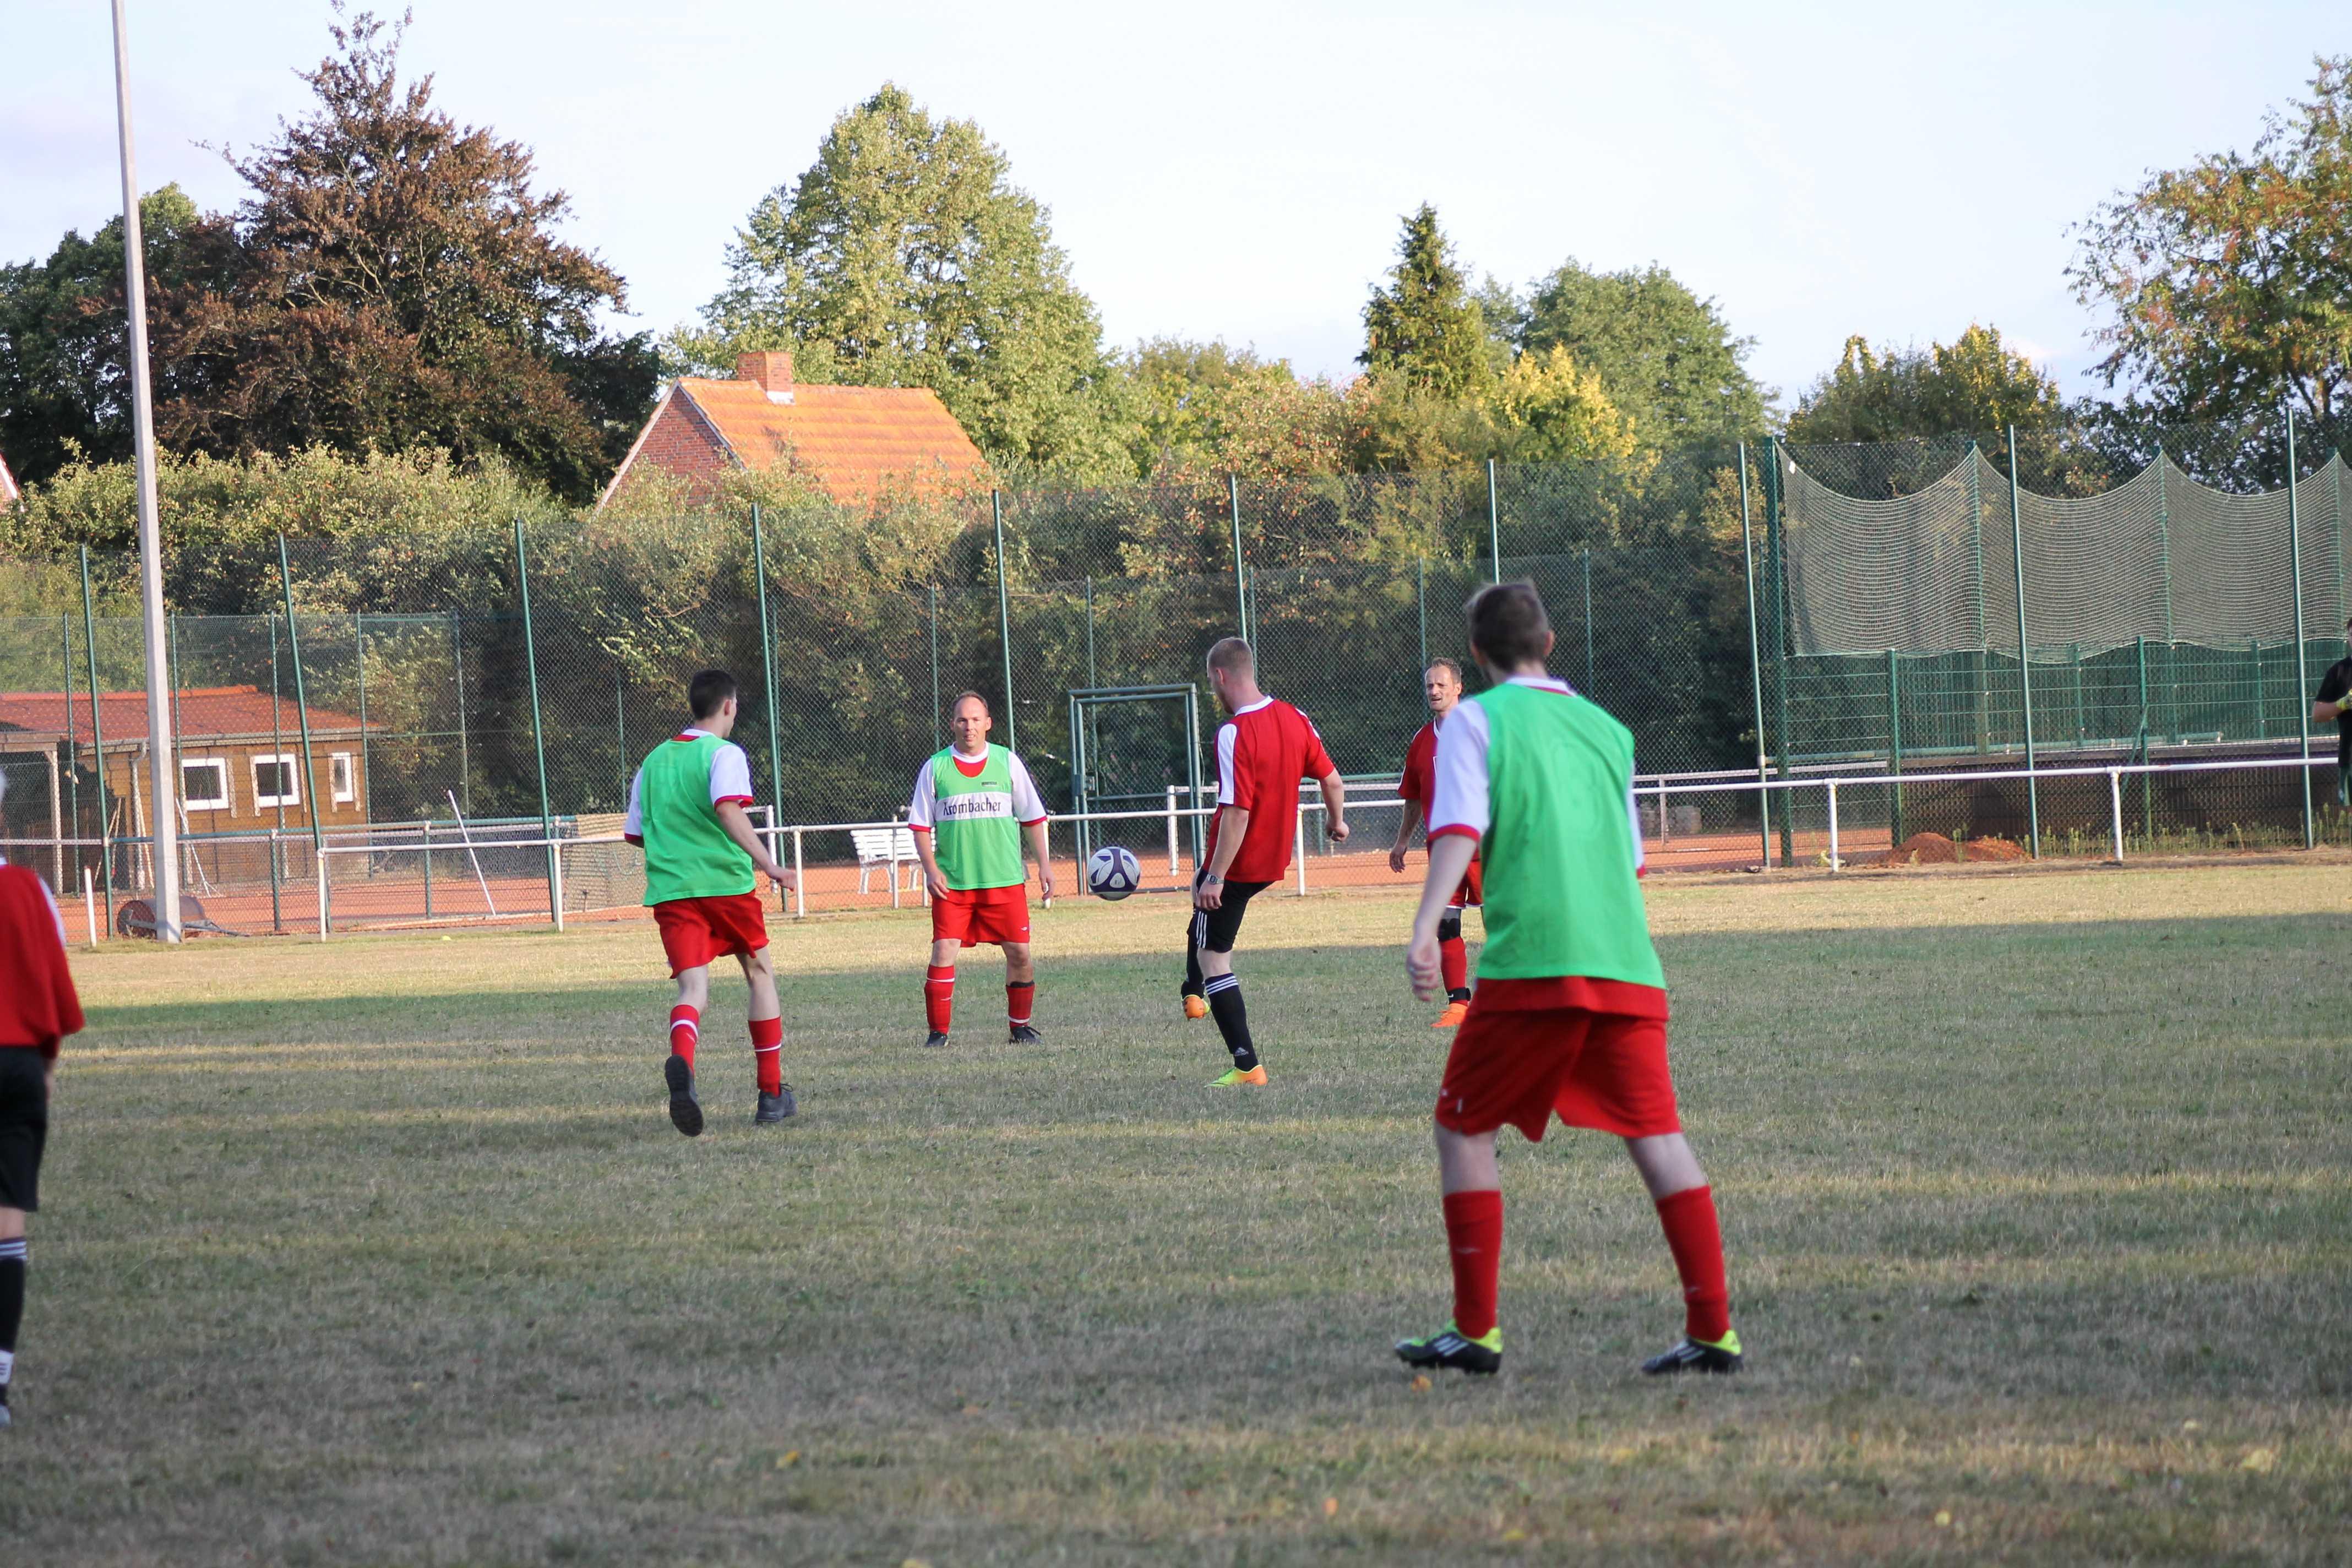 2018-08-04 Sportwoche - Straßenturnier (29)